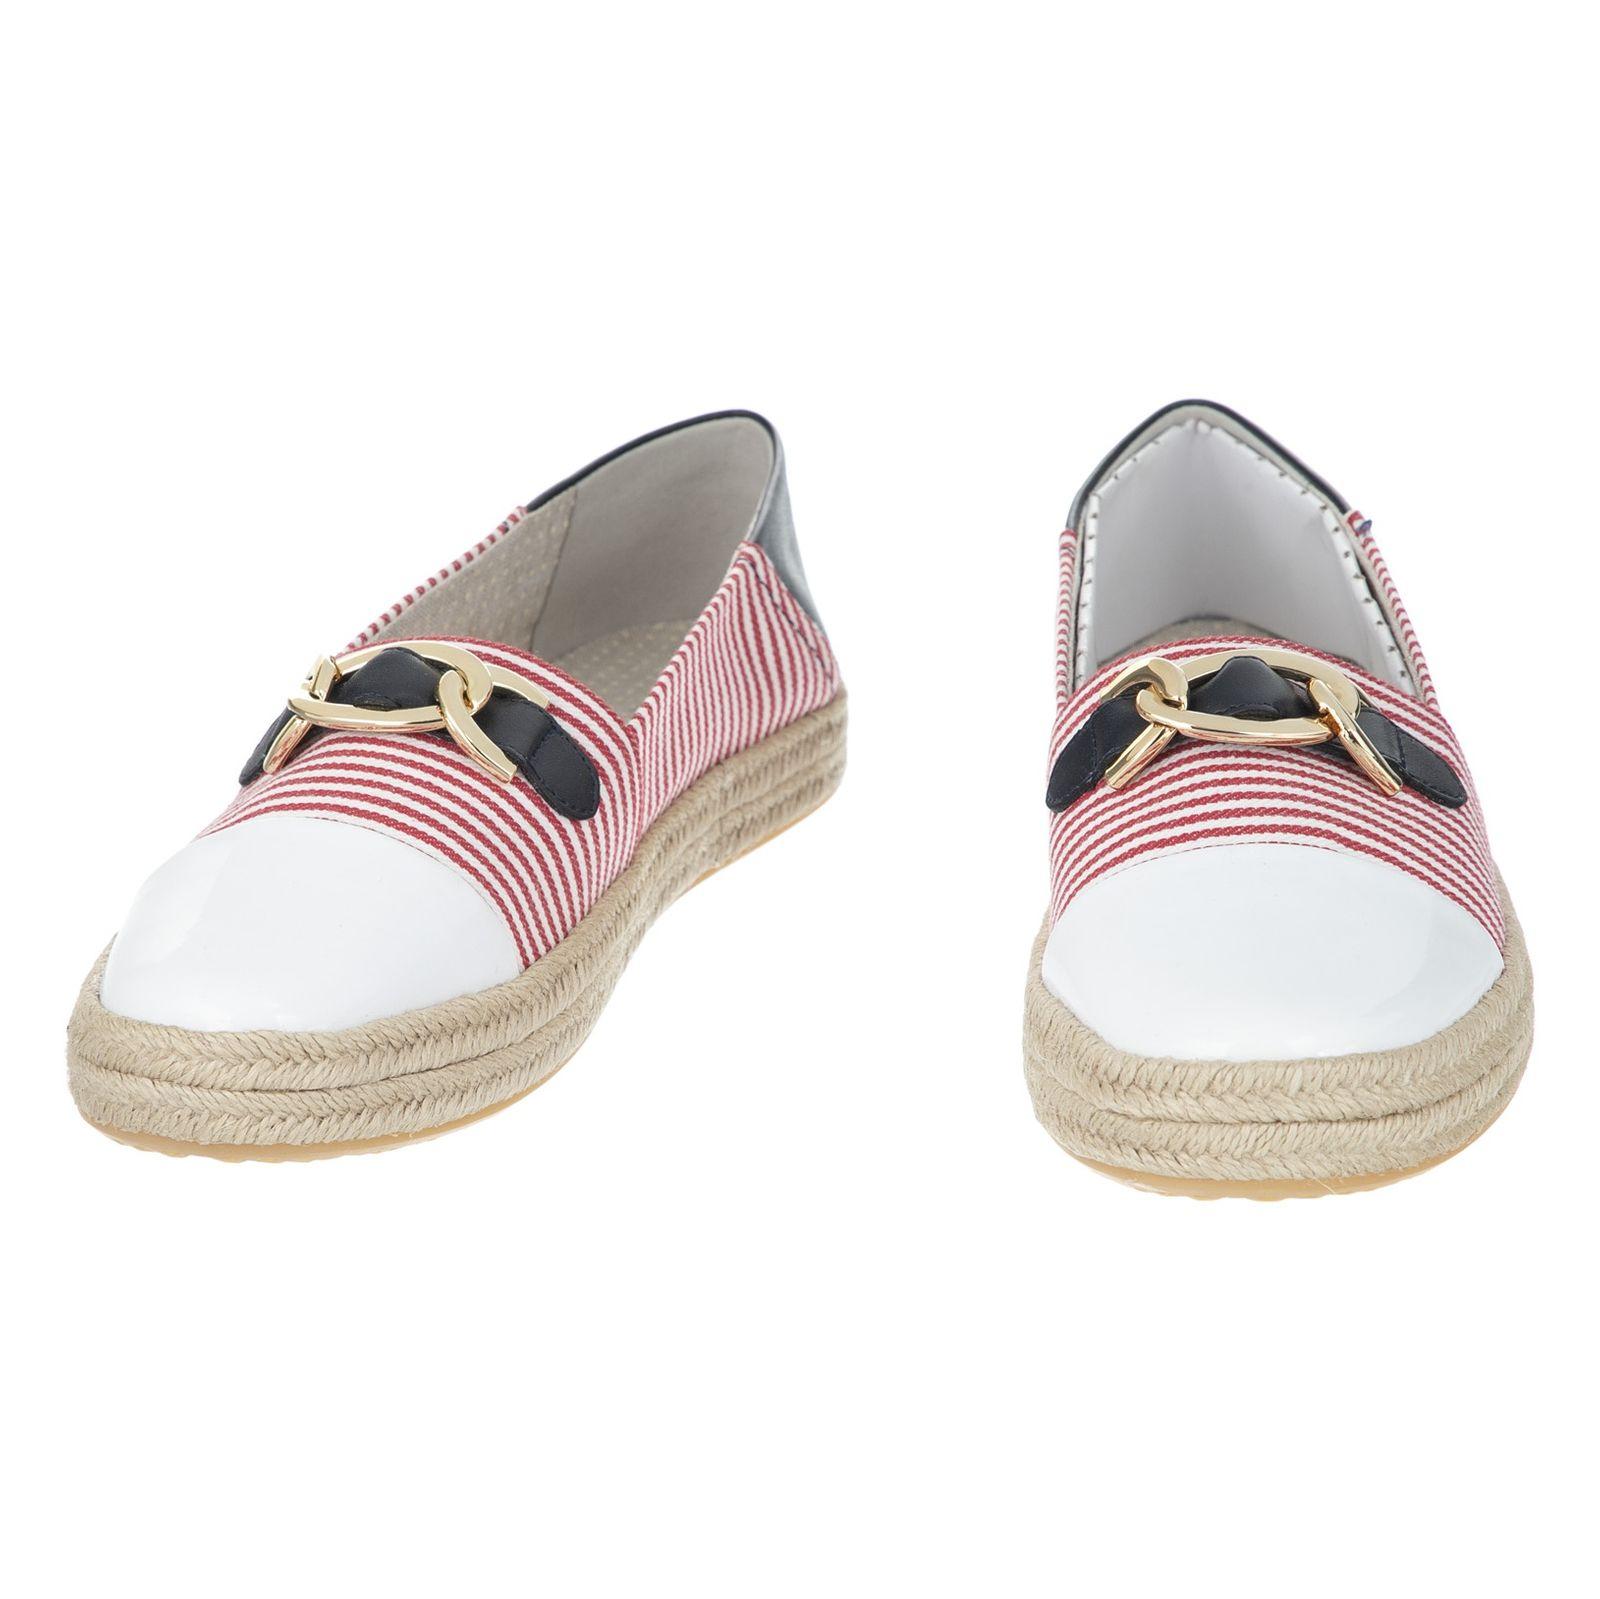 کفش زنانه جی اوکس مدل D8229E-0AWHH-C0003 - قرمز سفید - 3